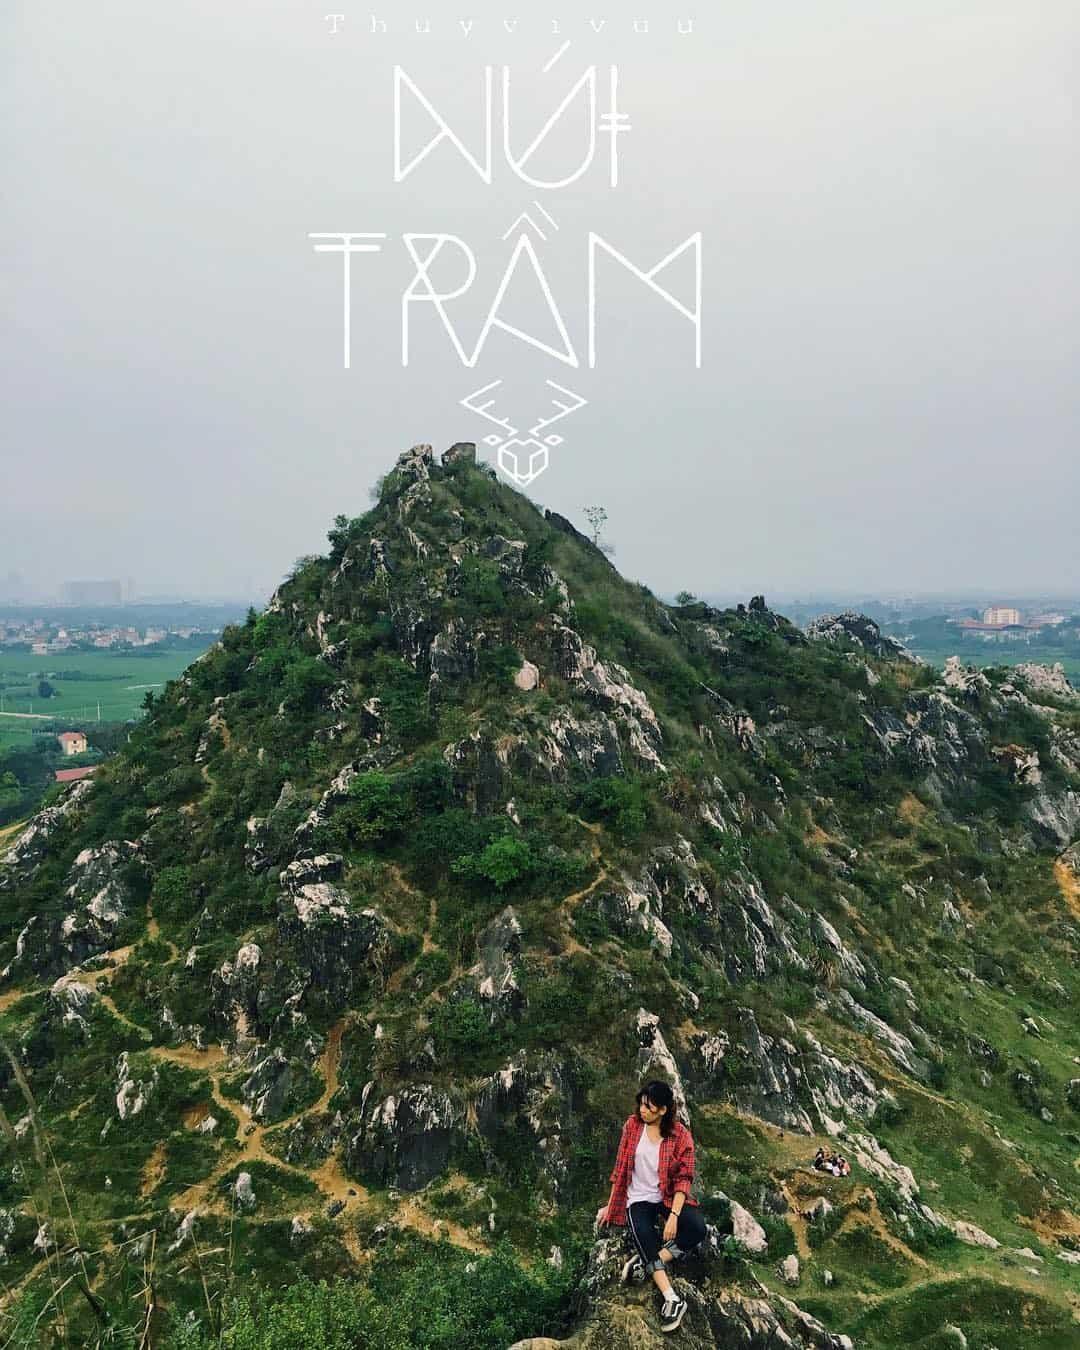 Núi Trầm không quá cao nhưng vô cùng ấn tượng. Ảnh: @thuyvivuu